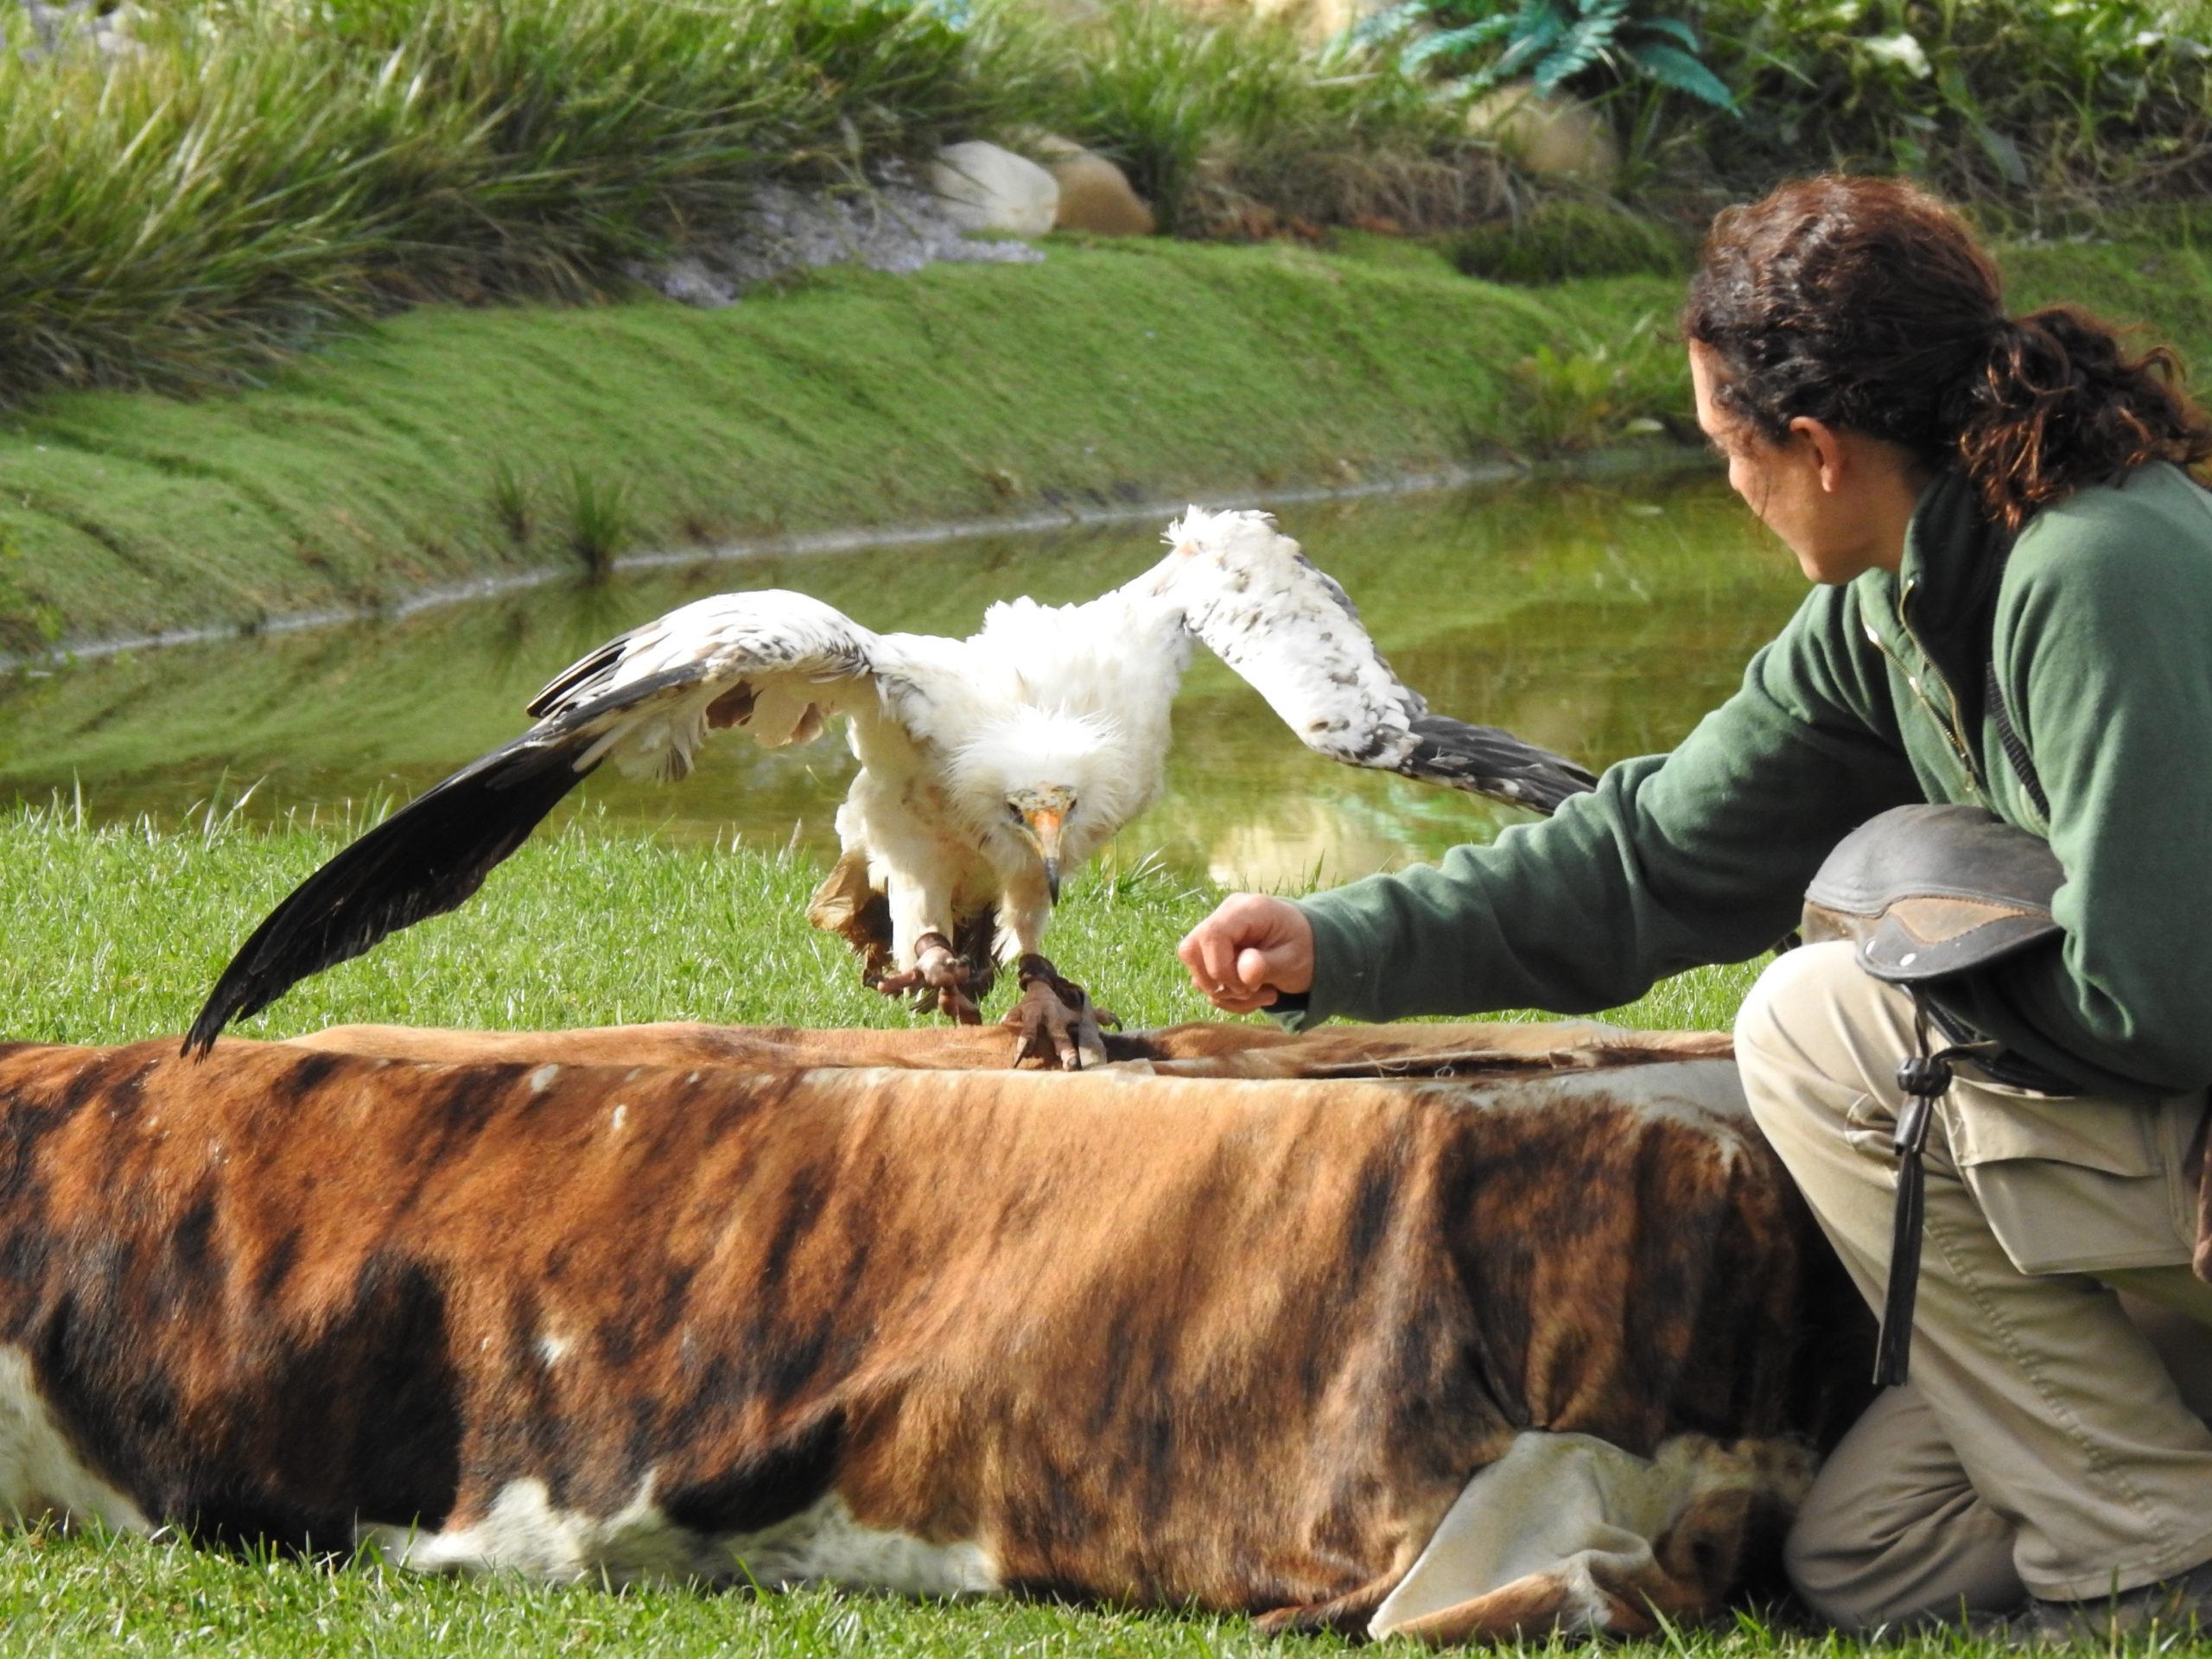 Gaspar, enriquecimiento ambiental con bióloga del parque Tierra Rapaz